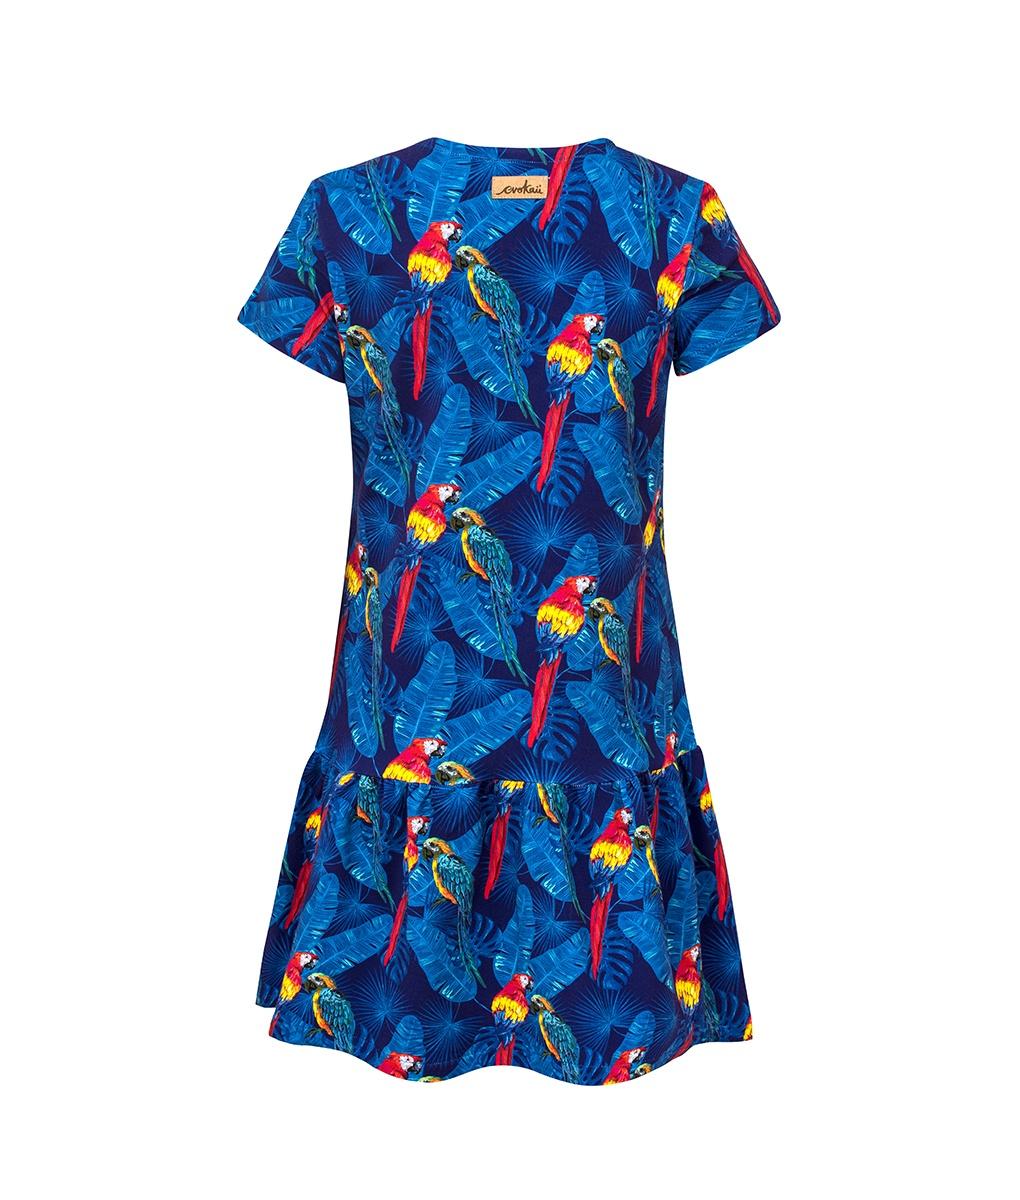 Cotton Dress Parrots Blue Back